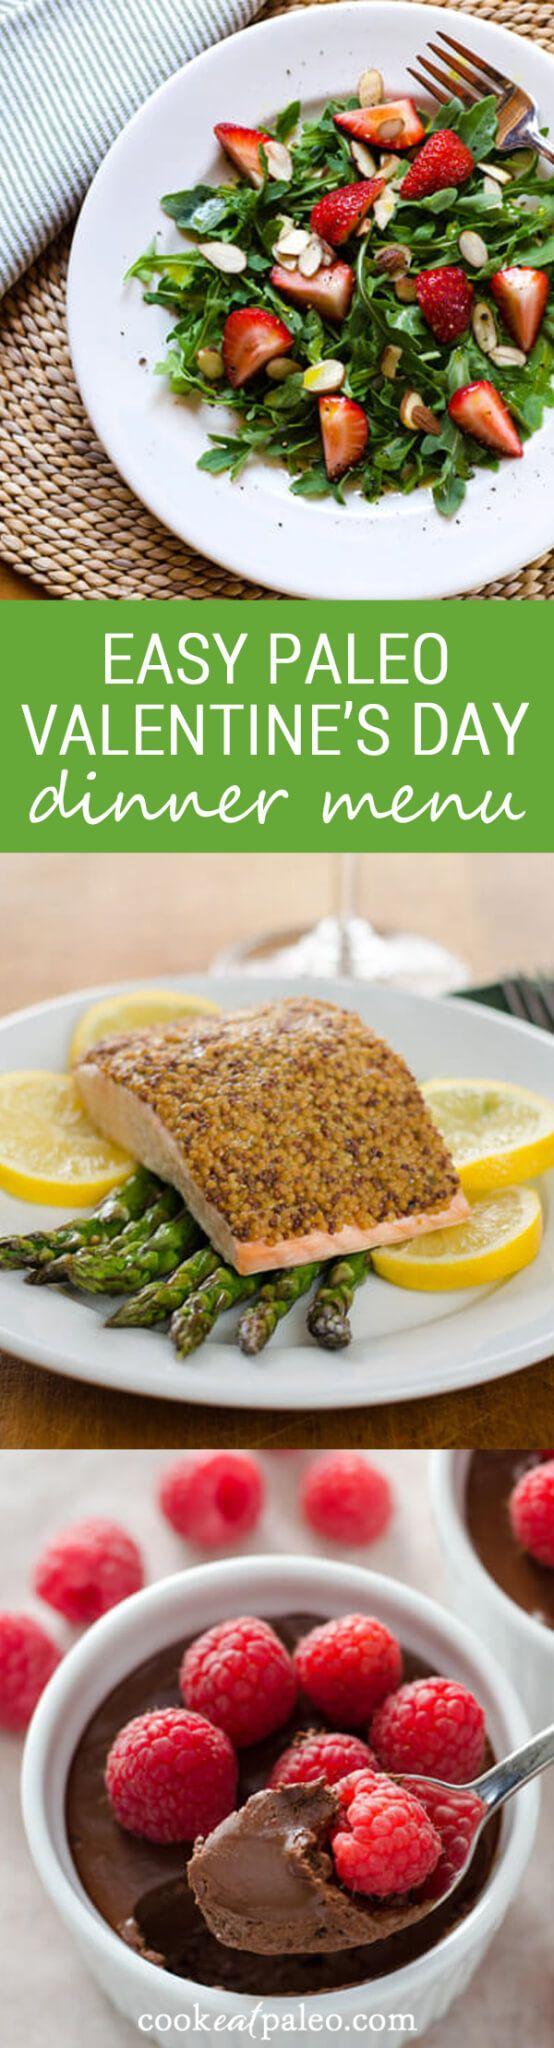 Paleo valentine s day meal ideas - Easy Paleo Valentine S Day Dinner Menu